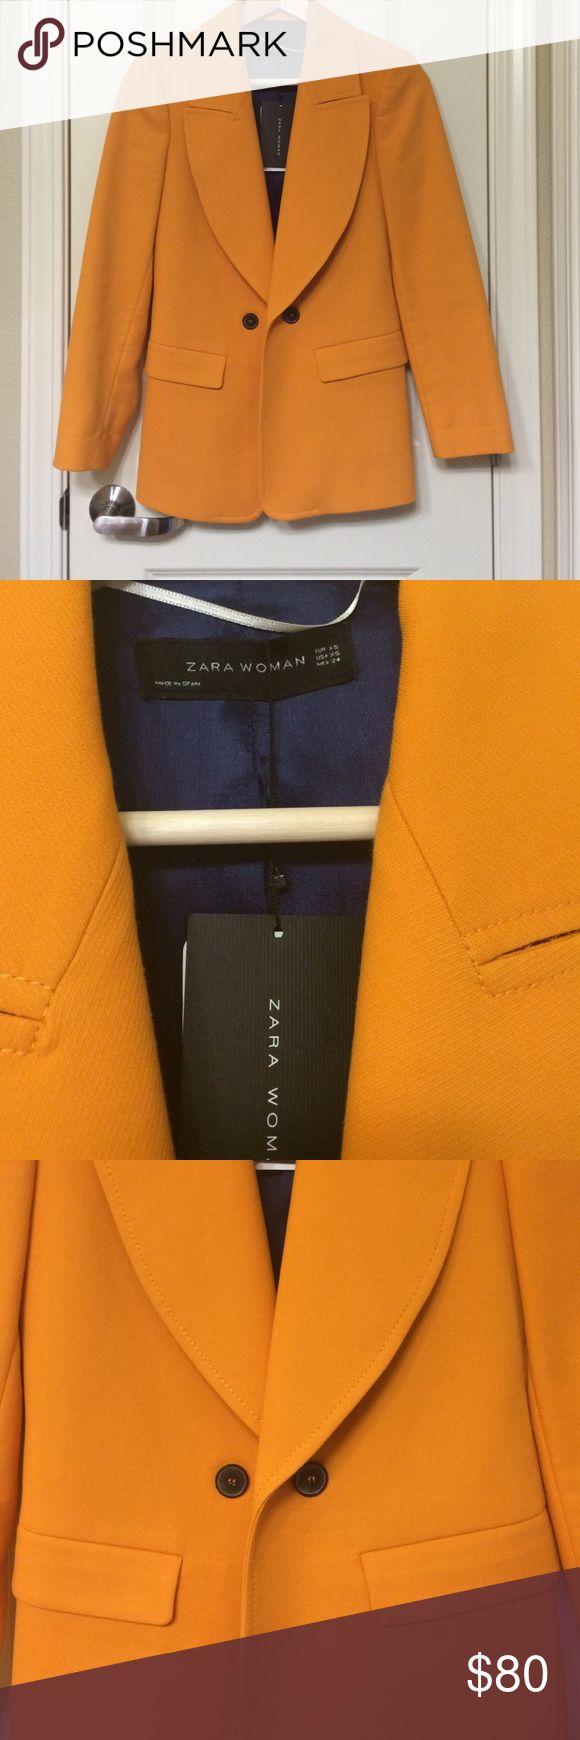 Zara Blazer SALE TODAY ONLY! SALE FOR TODAY!!! Zara woman orange blazer. Brand new with tags. Zara Jackets & Coats Blazers